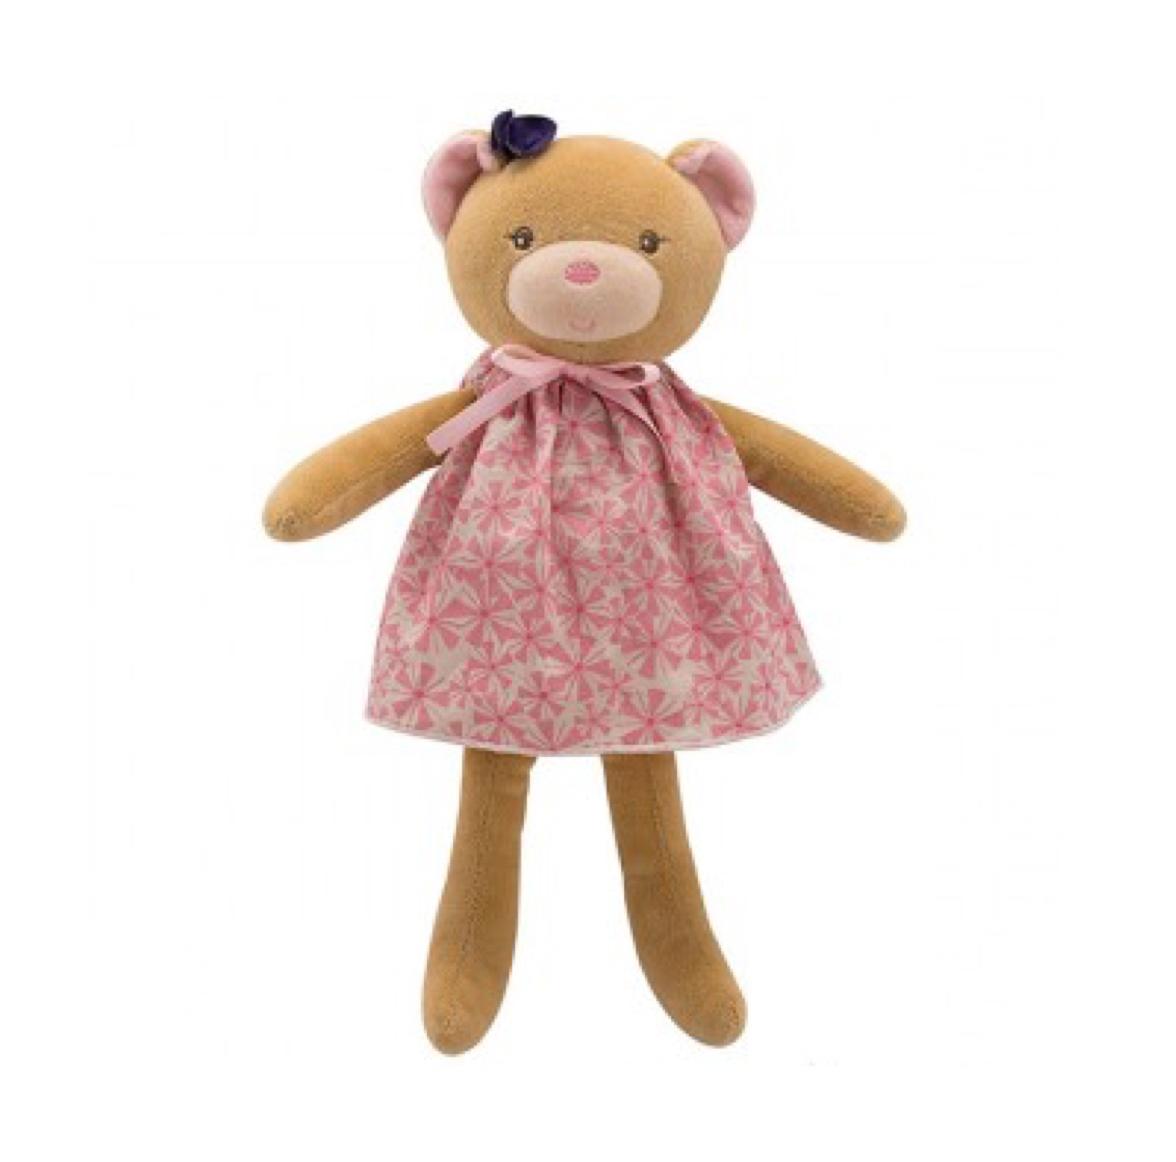 muñeca-petit-rose-de-kaloo-en-el-mundo-de-mico